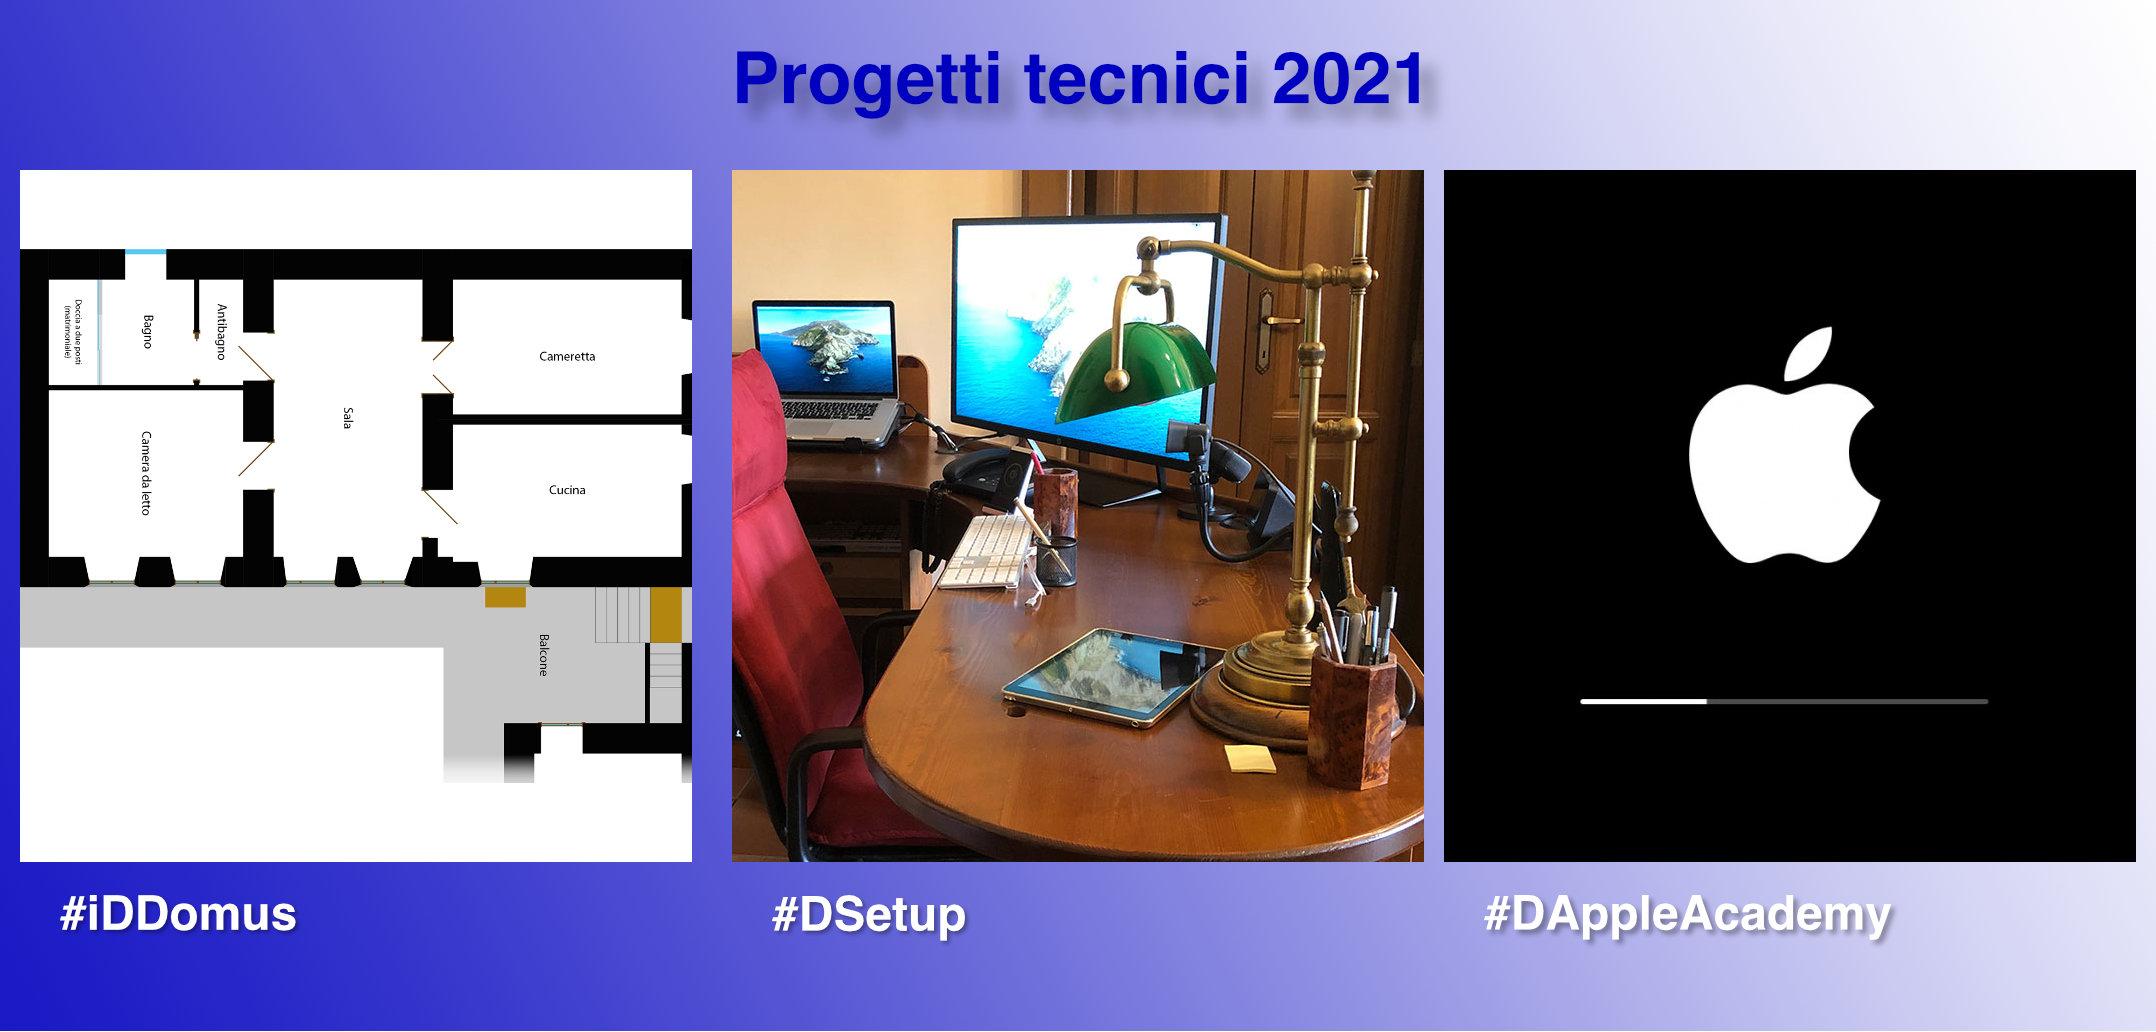 #DAppleAcademy: il giusto complemento per #iDDomus e #DSetup